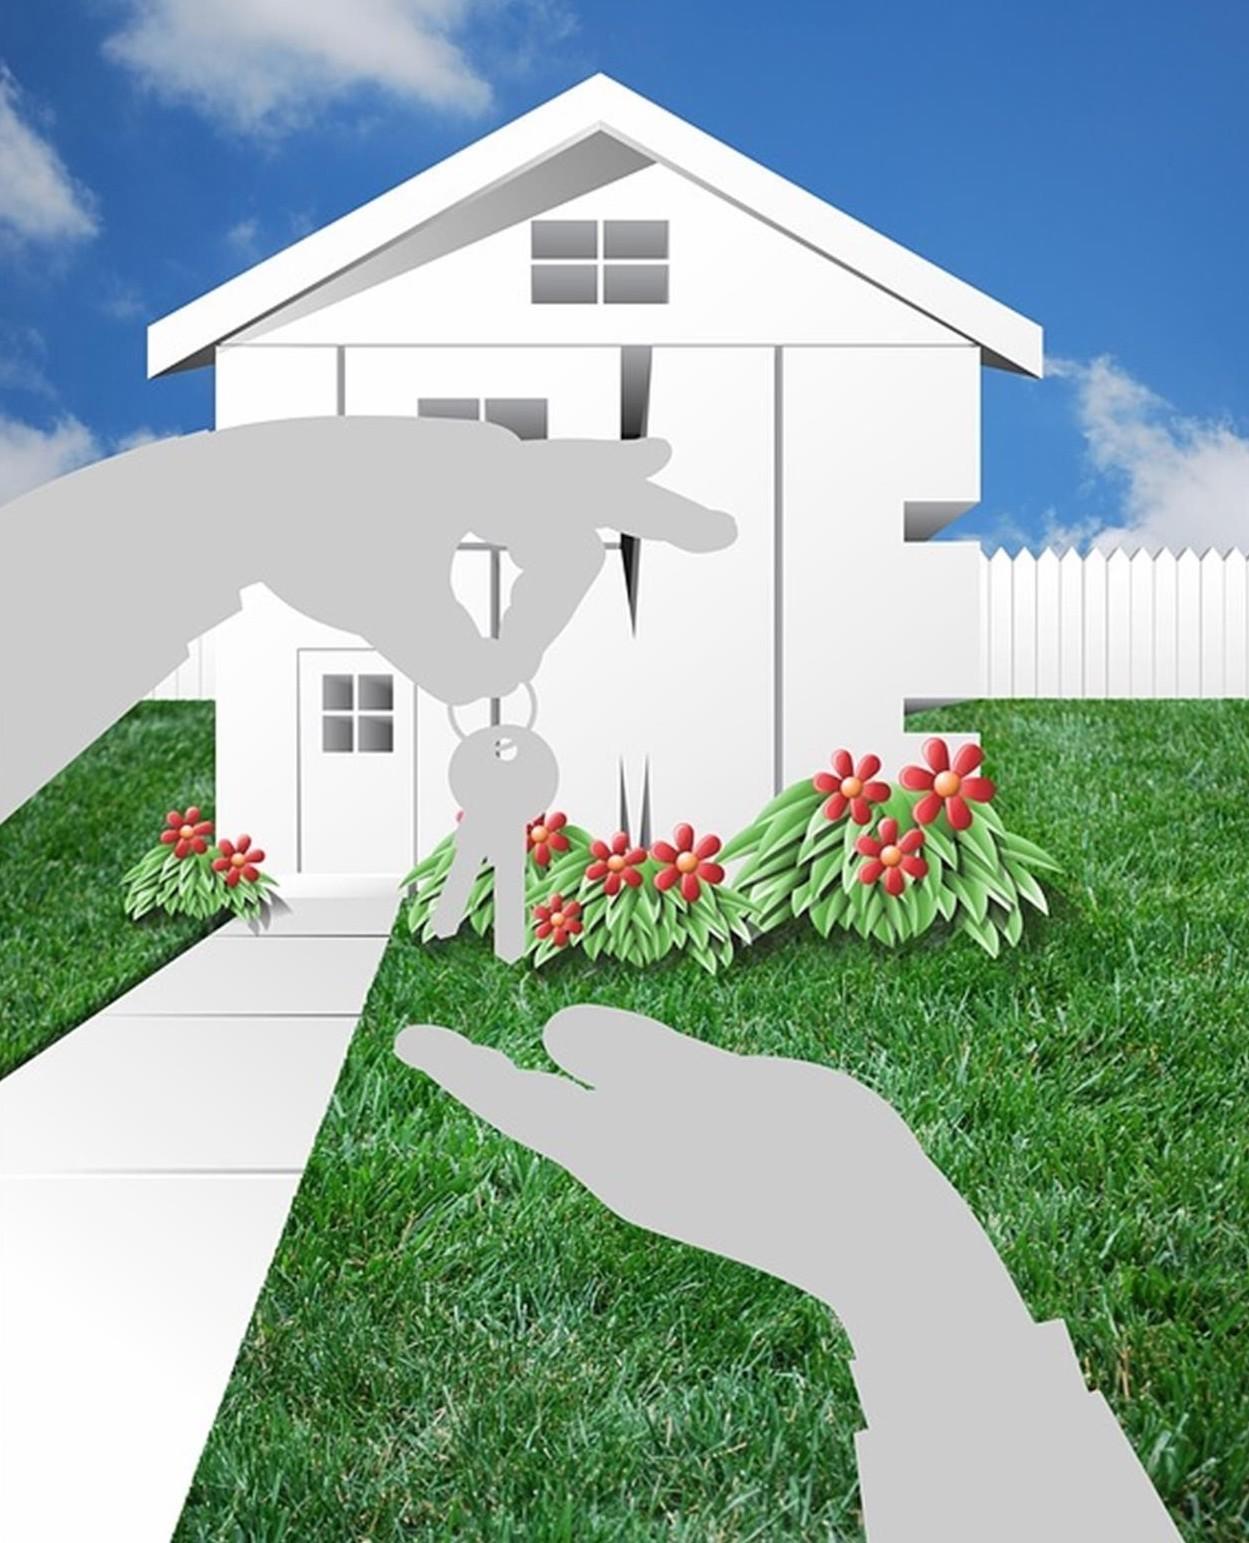 Affittare una casa a 500 euro, calcolo tasse ed esempi di quanto si paga